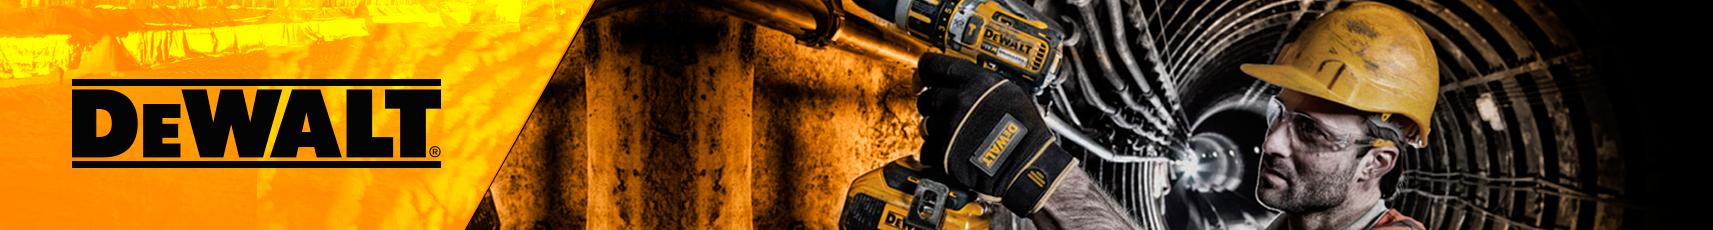 herramientas dewalt mexico(1)